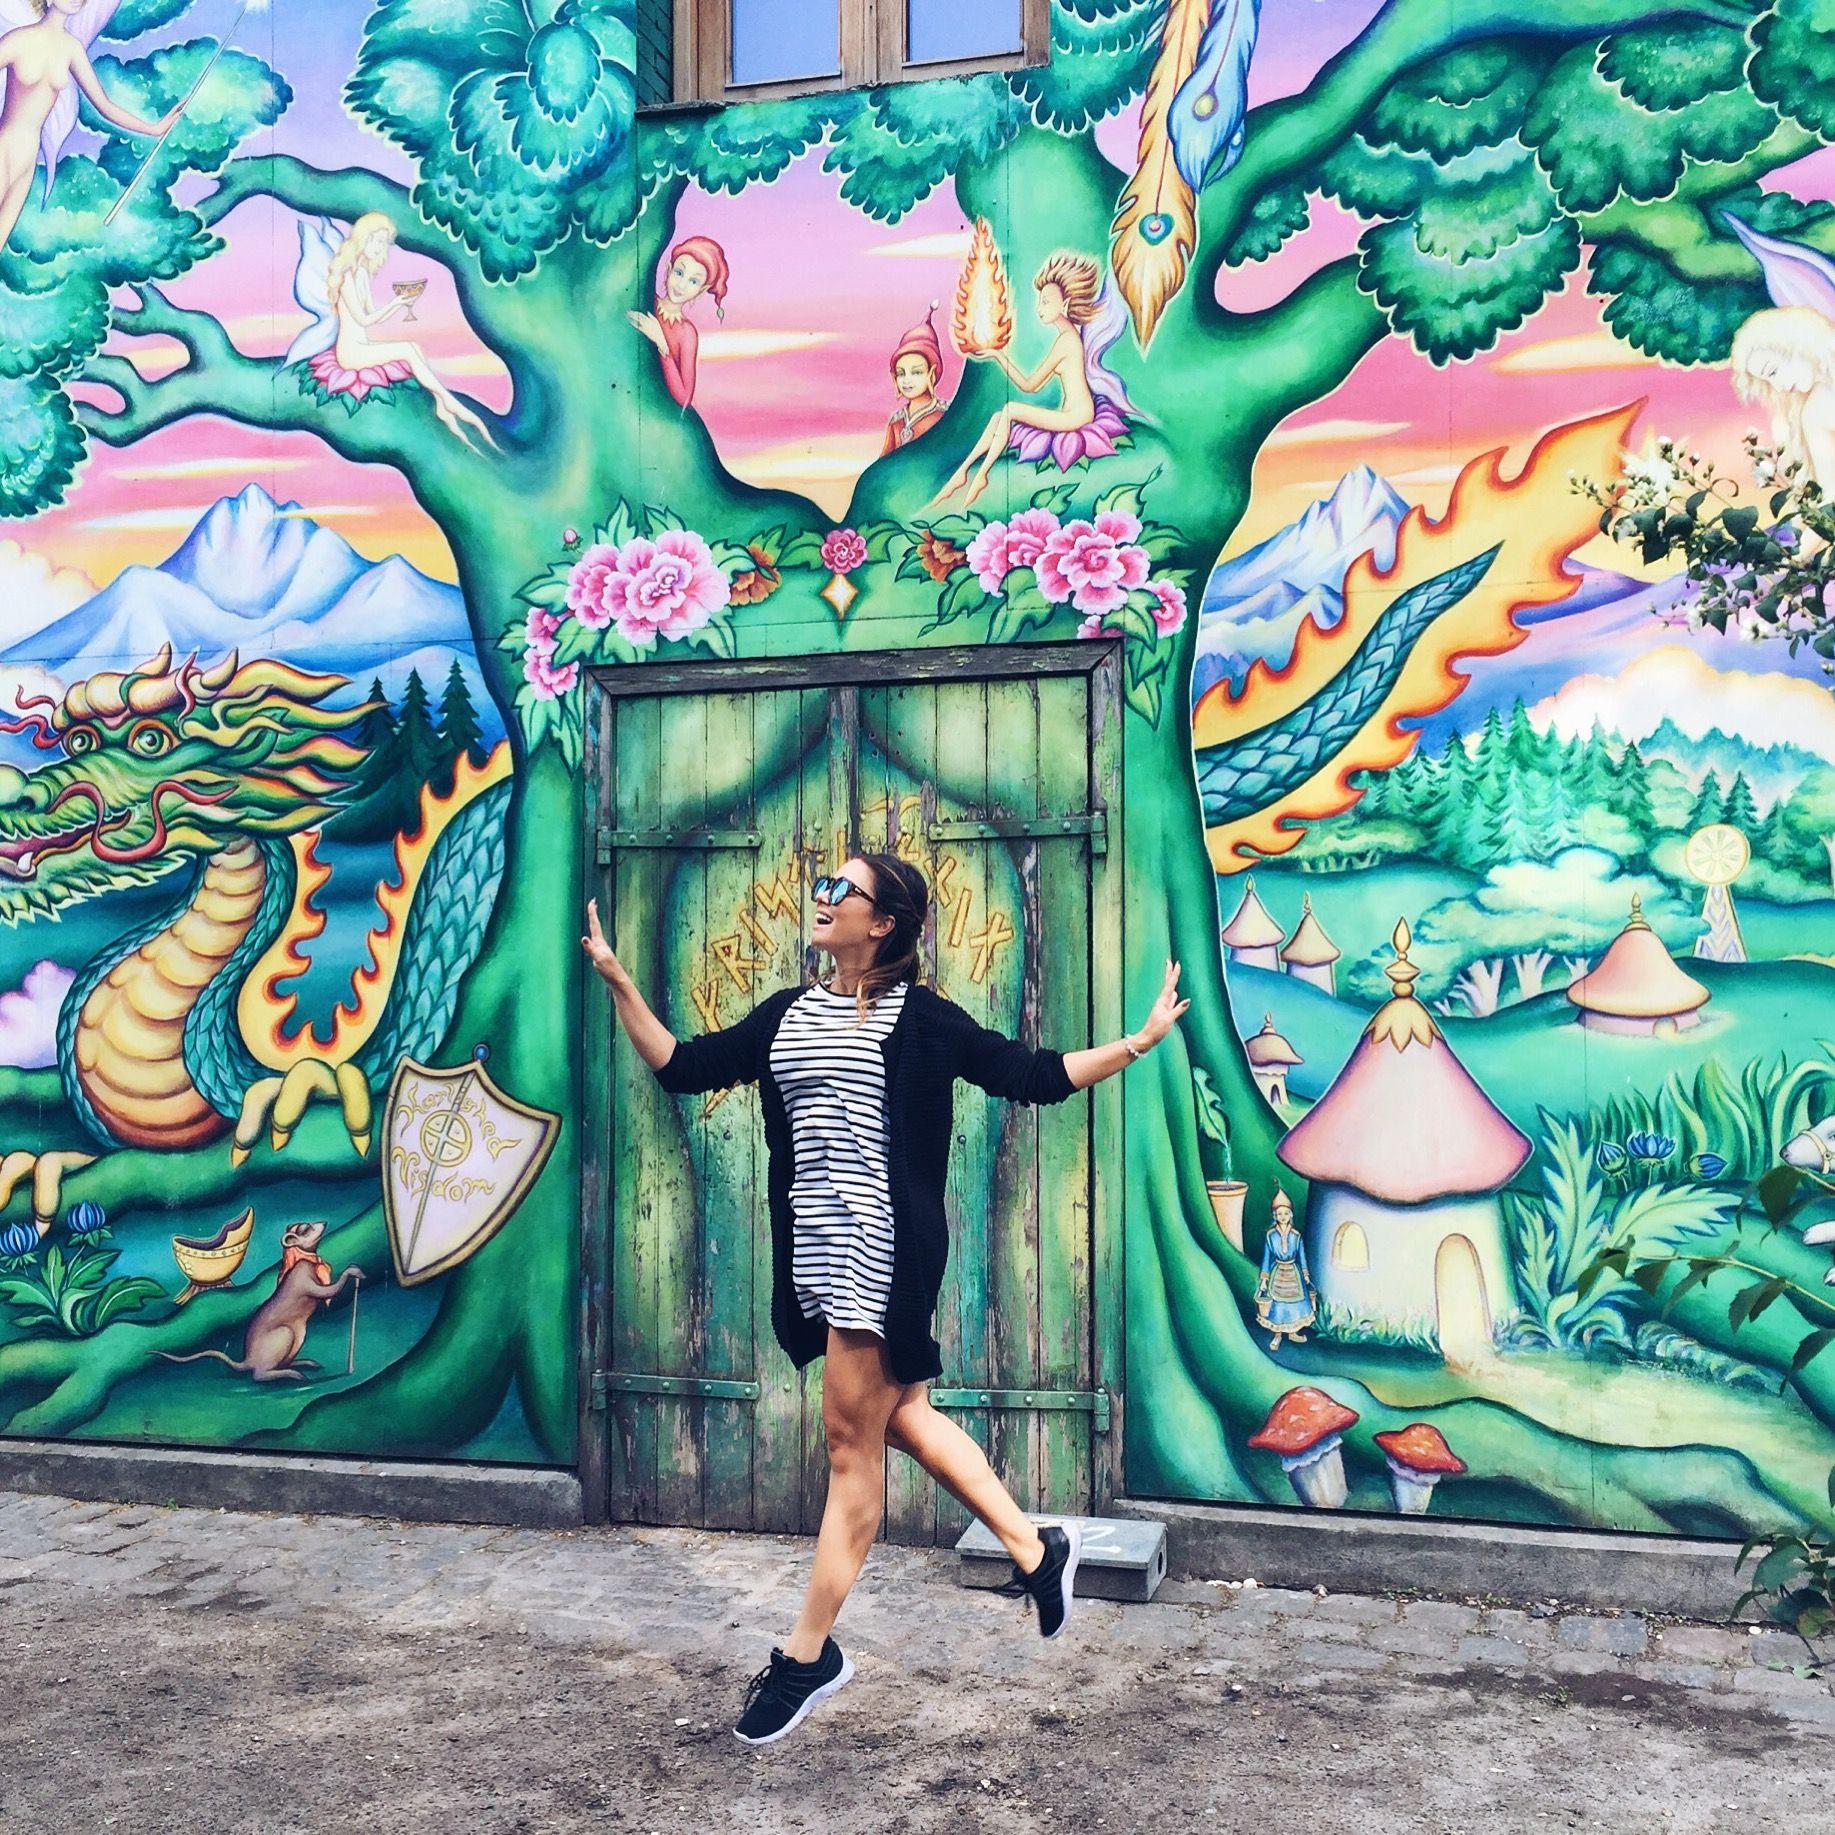 juliana goes | juliana goes blog | dicas de viagem | dicas dinamarca | lugares em copenhagem | o que fazer em copenhagen | visit denmark